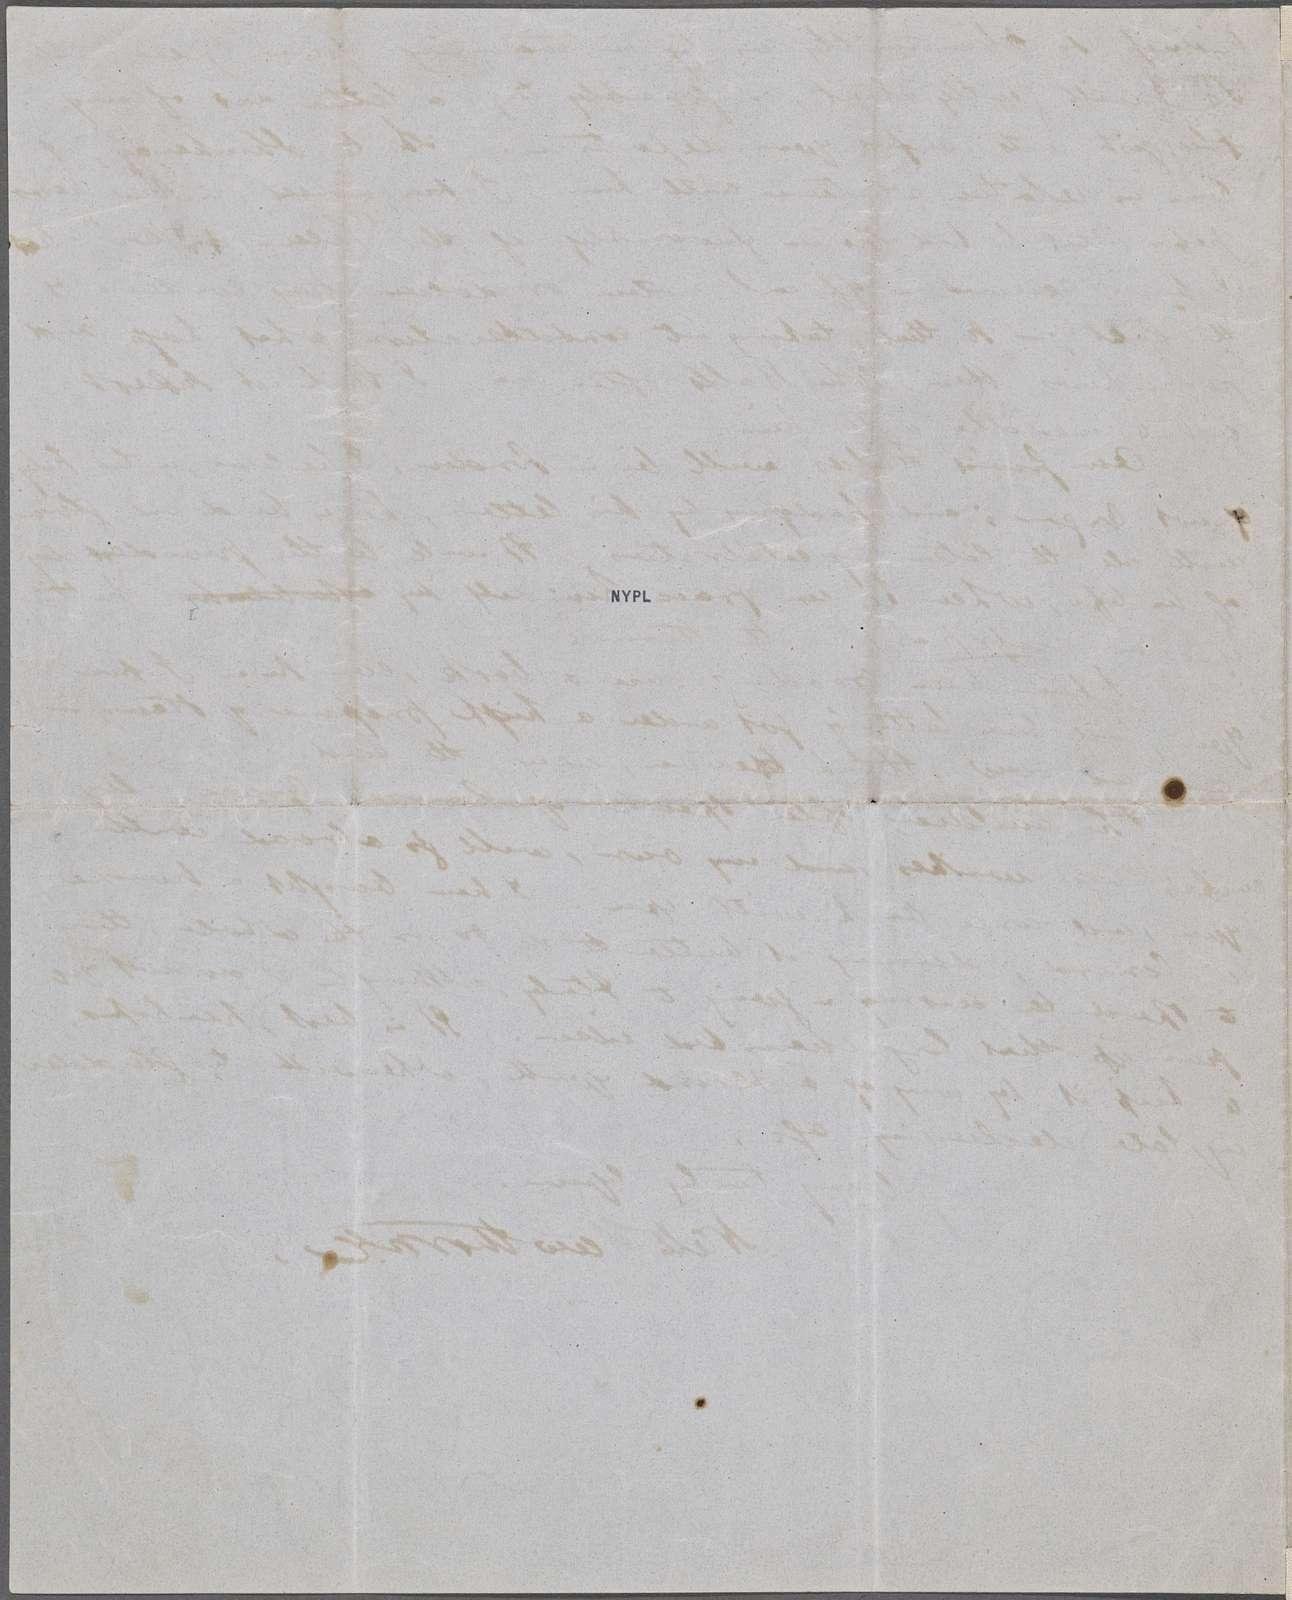 Greenwood, Grace [Sara Jane Clarke Lippincott], ALS to. Apr. 17, 1852.